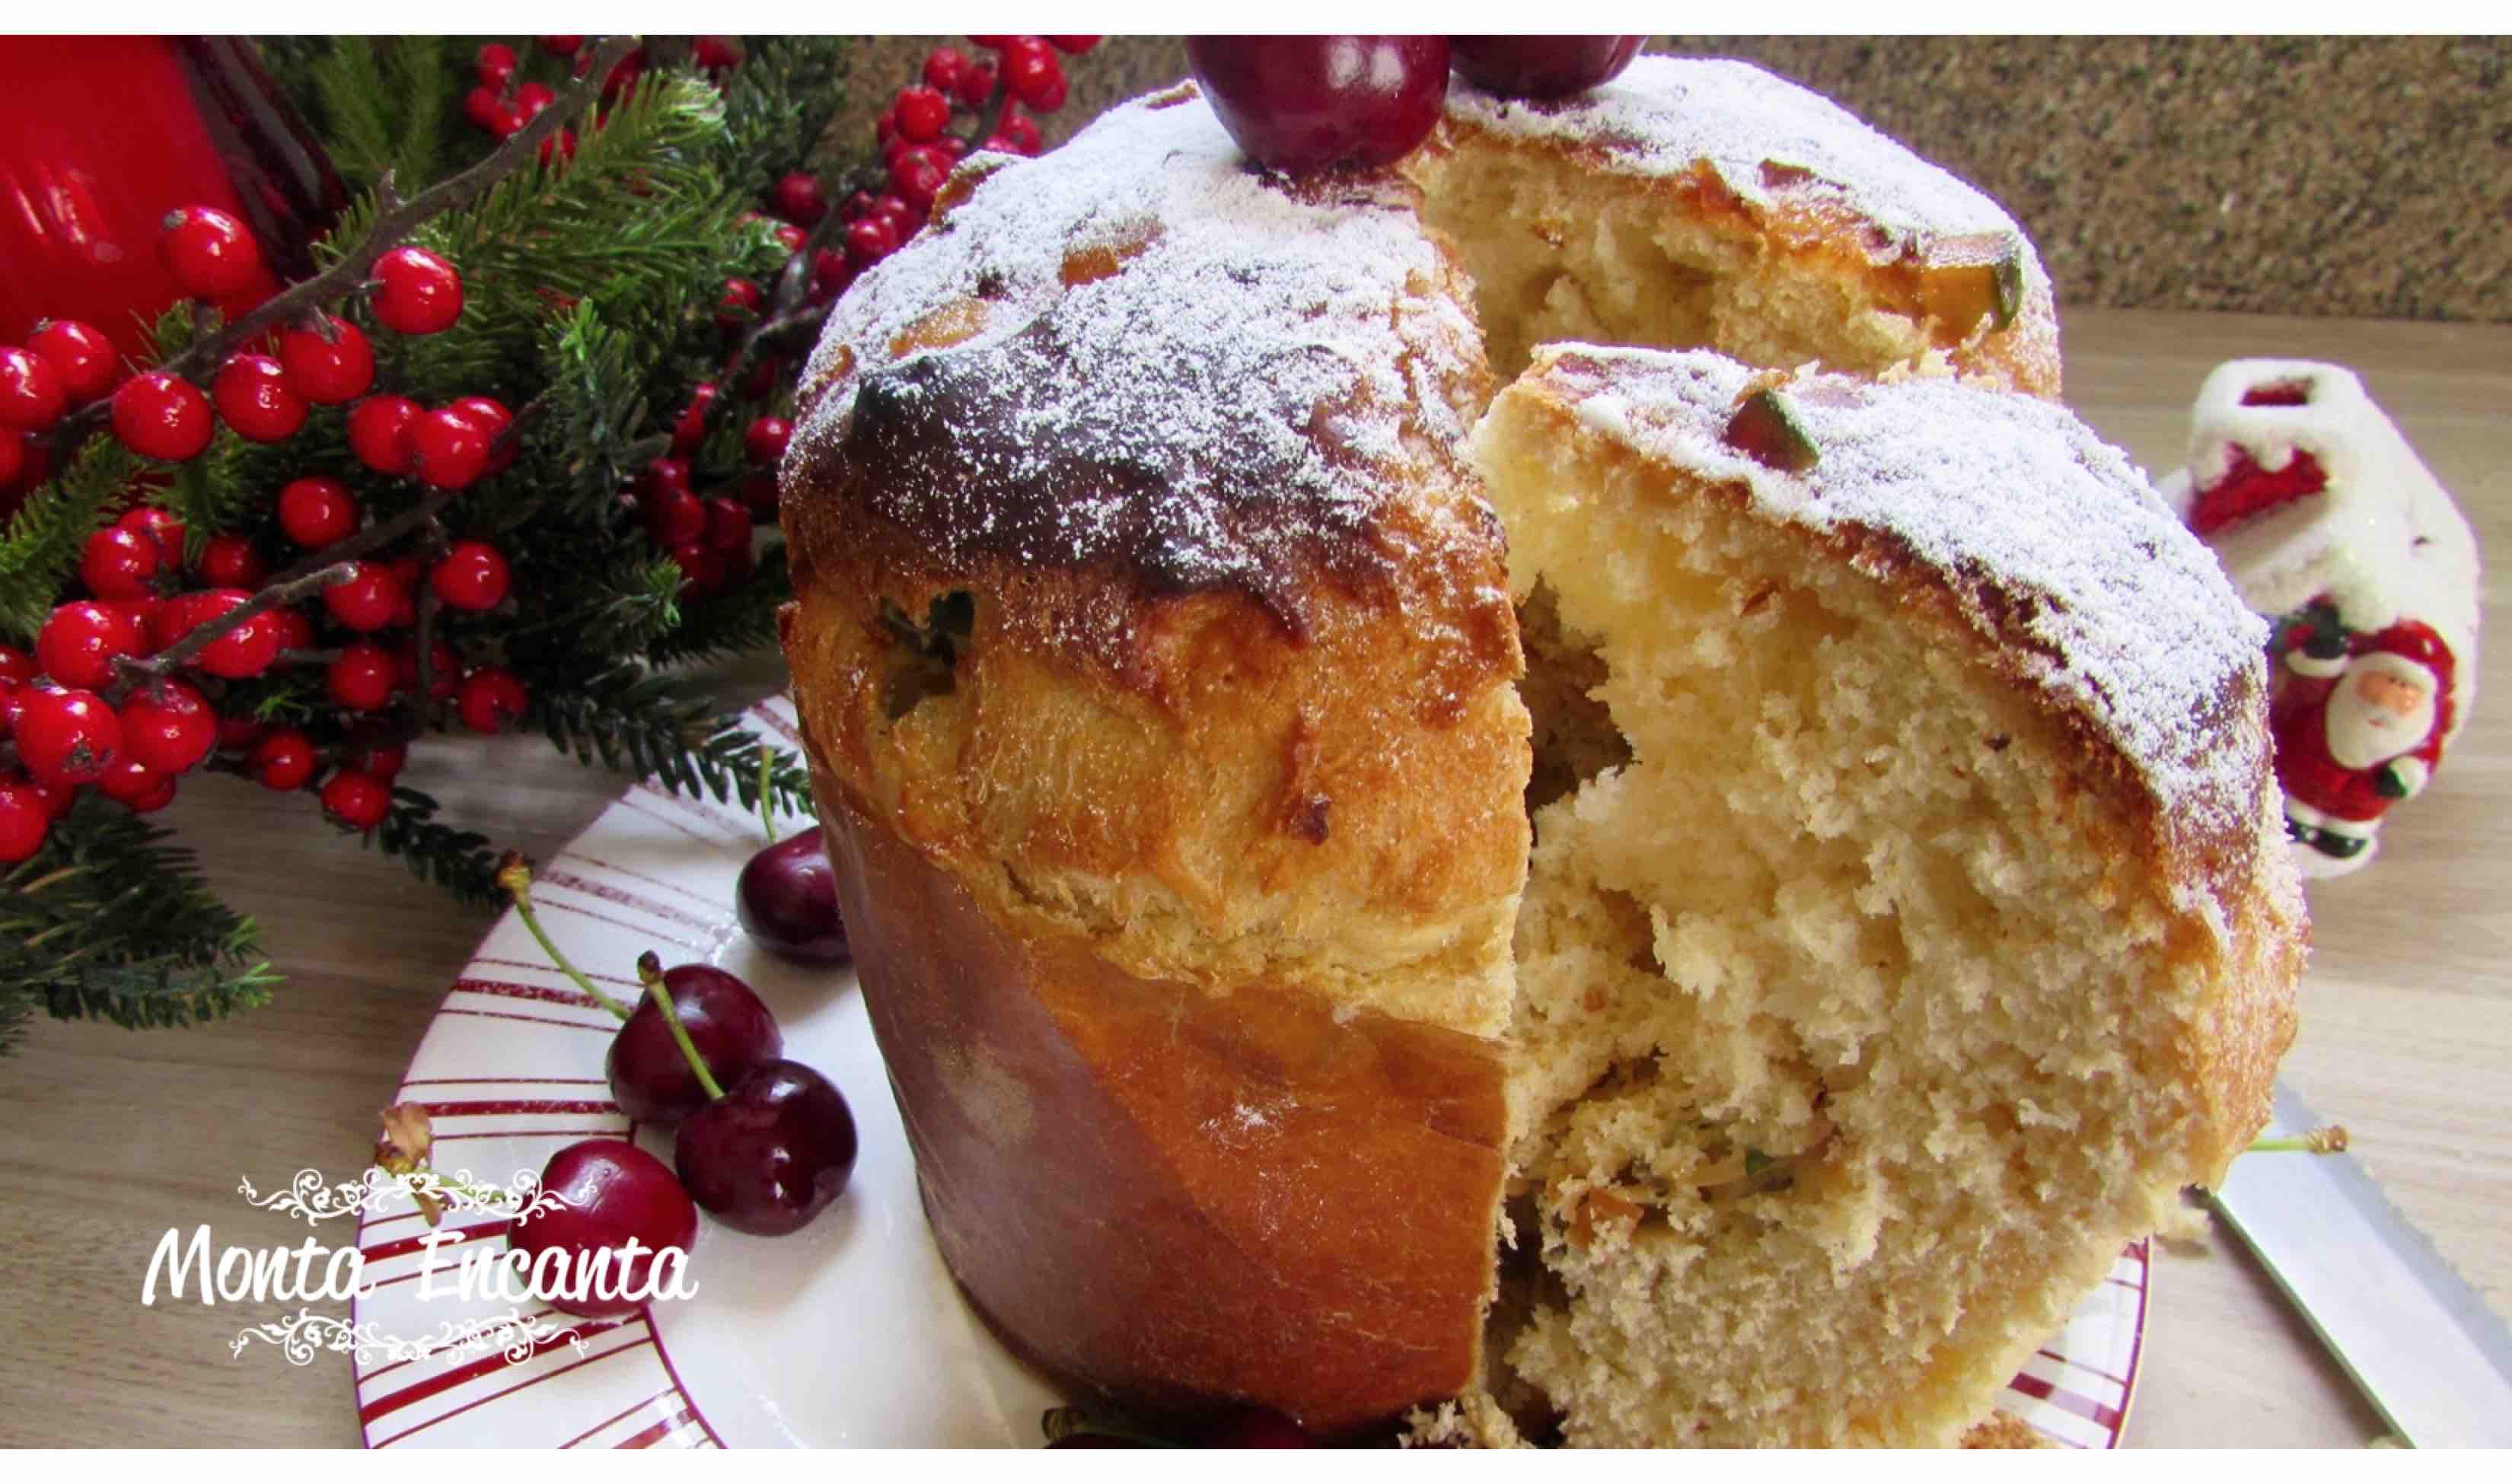 Panetone de Natal tradicional com fruta seca